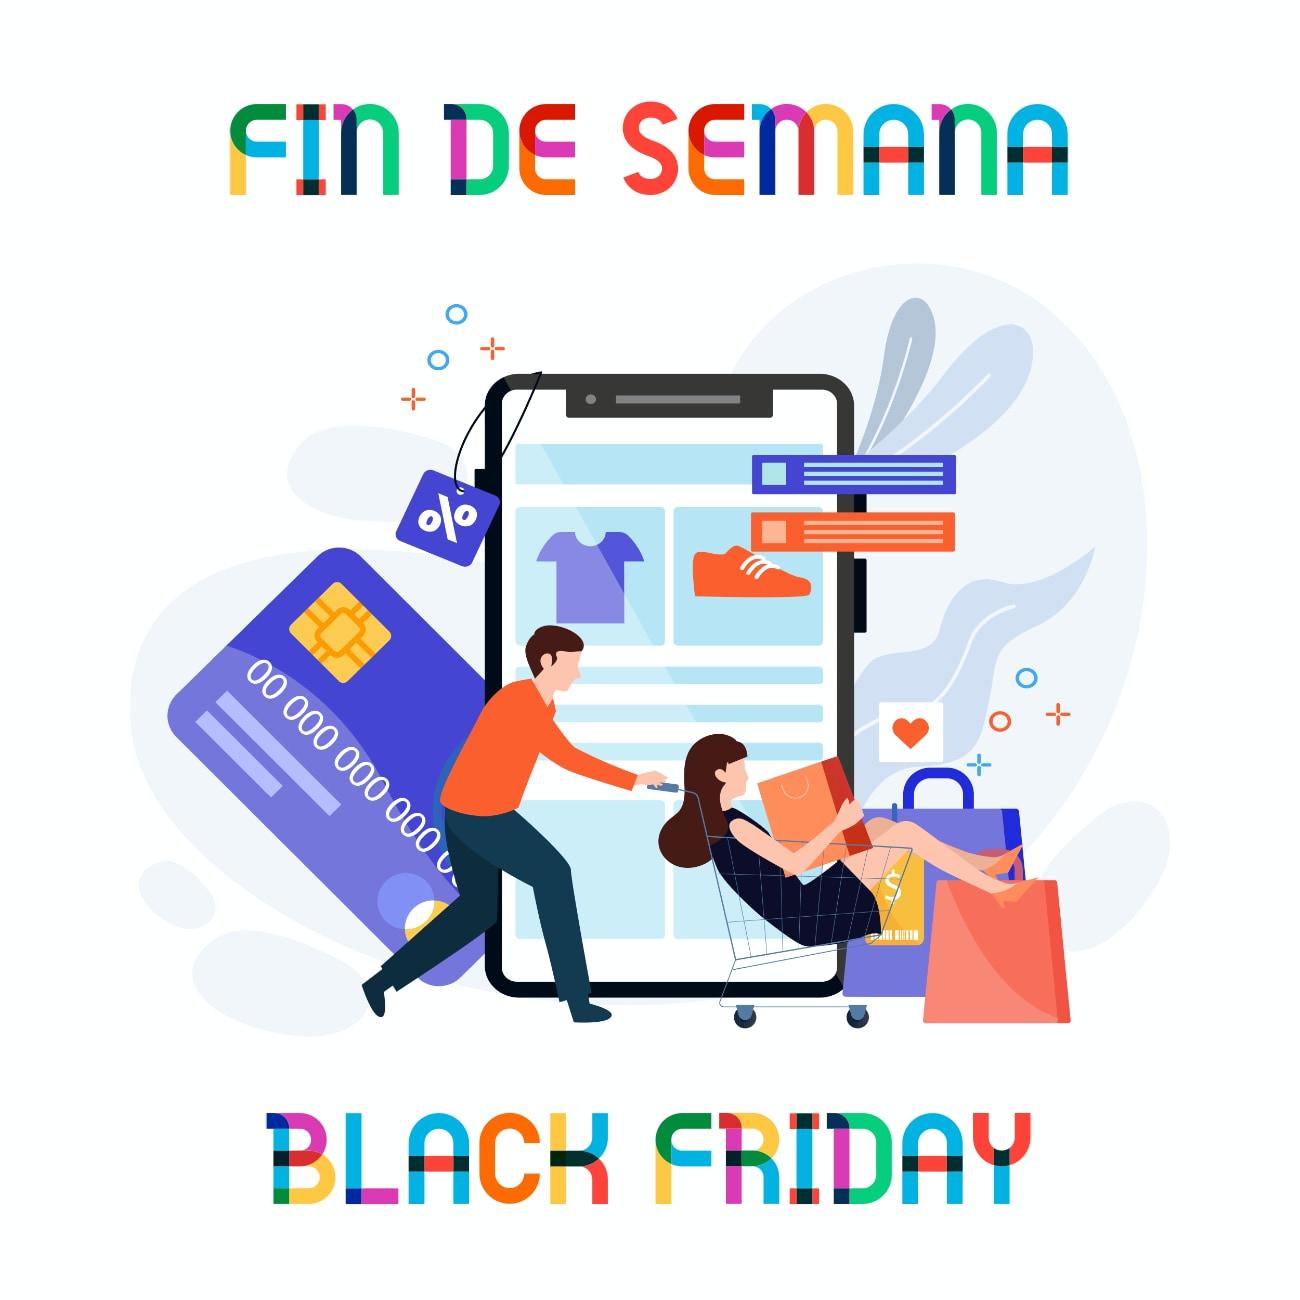 Principales ofertas del fin de semana del Black Friday